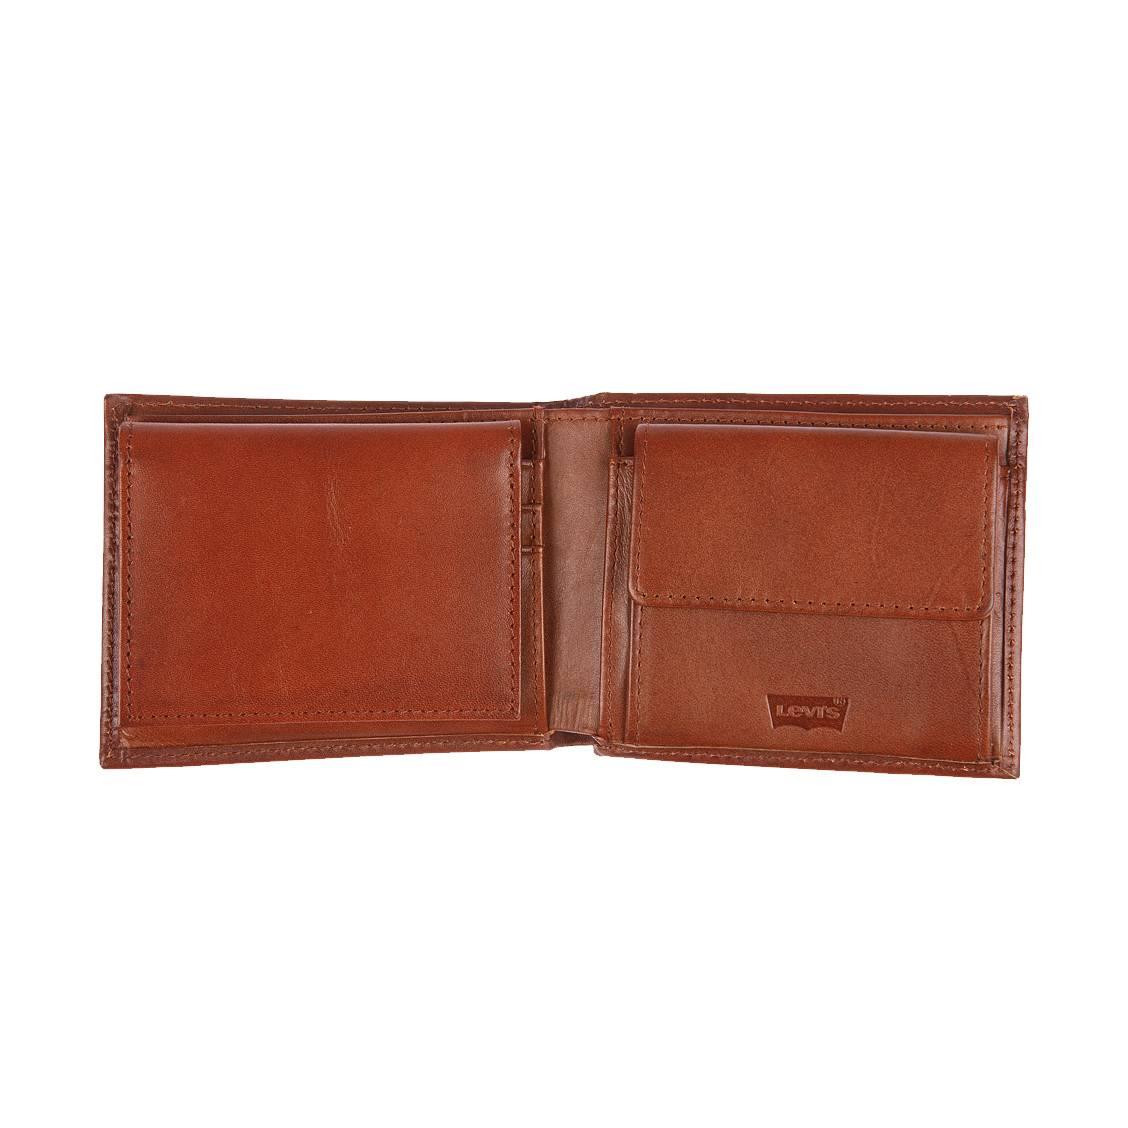 Portefeuille italien Levi's Inlay en cuir lisse marron à porte-cartes amovible q57kn